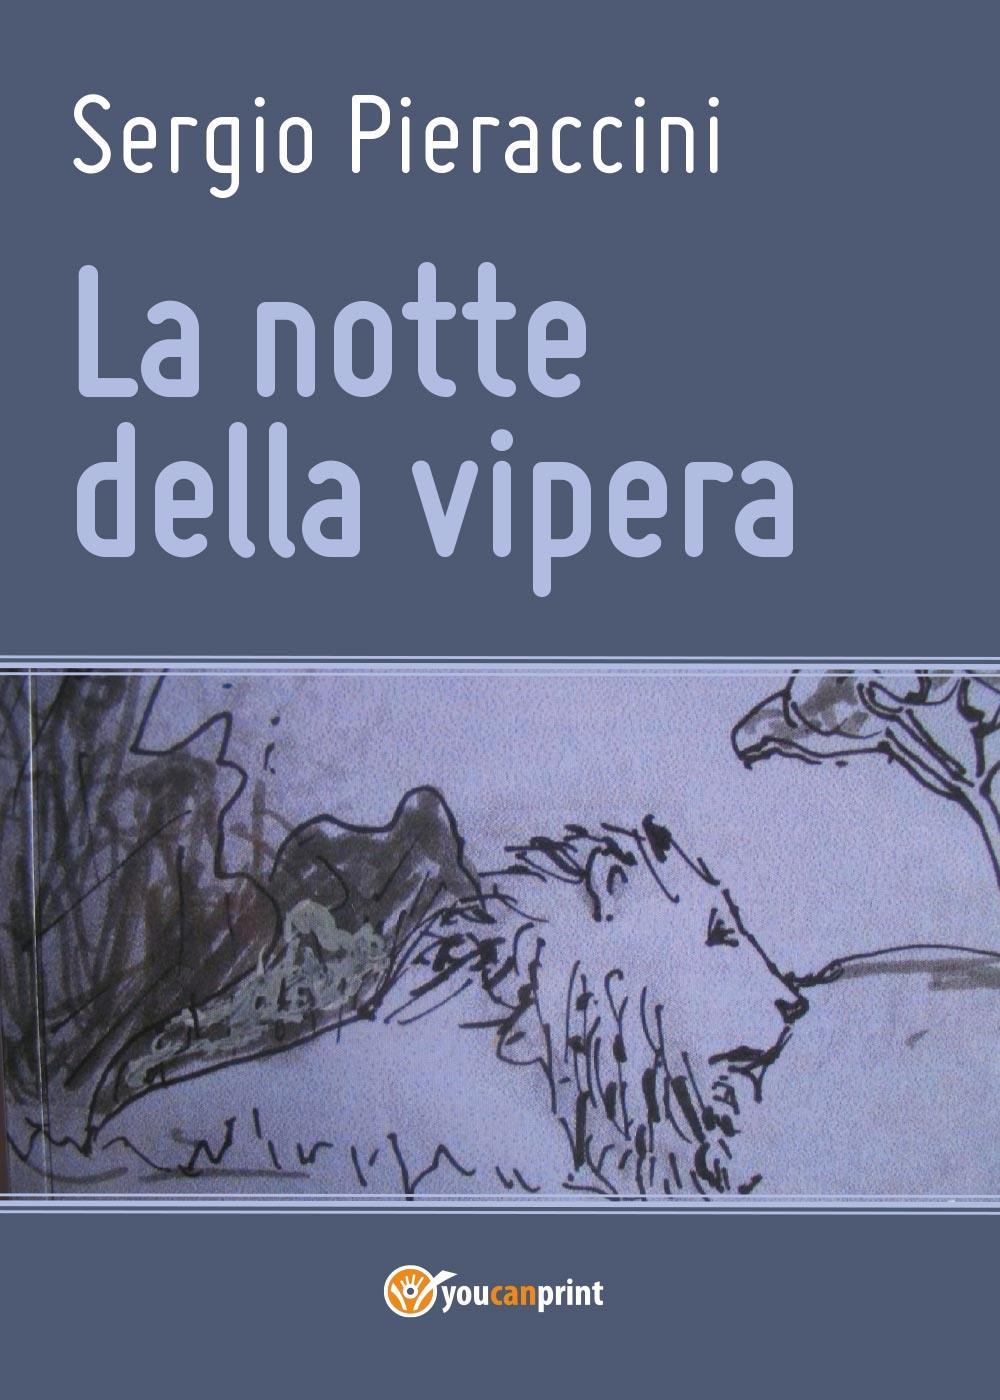 La notte della vipera